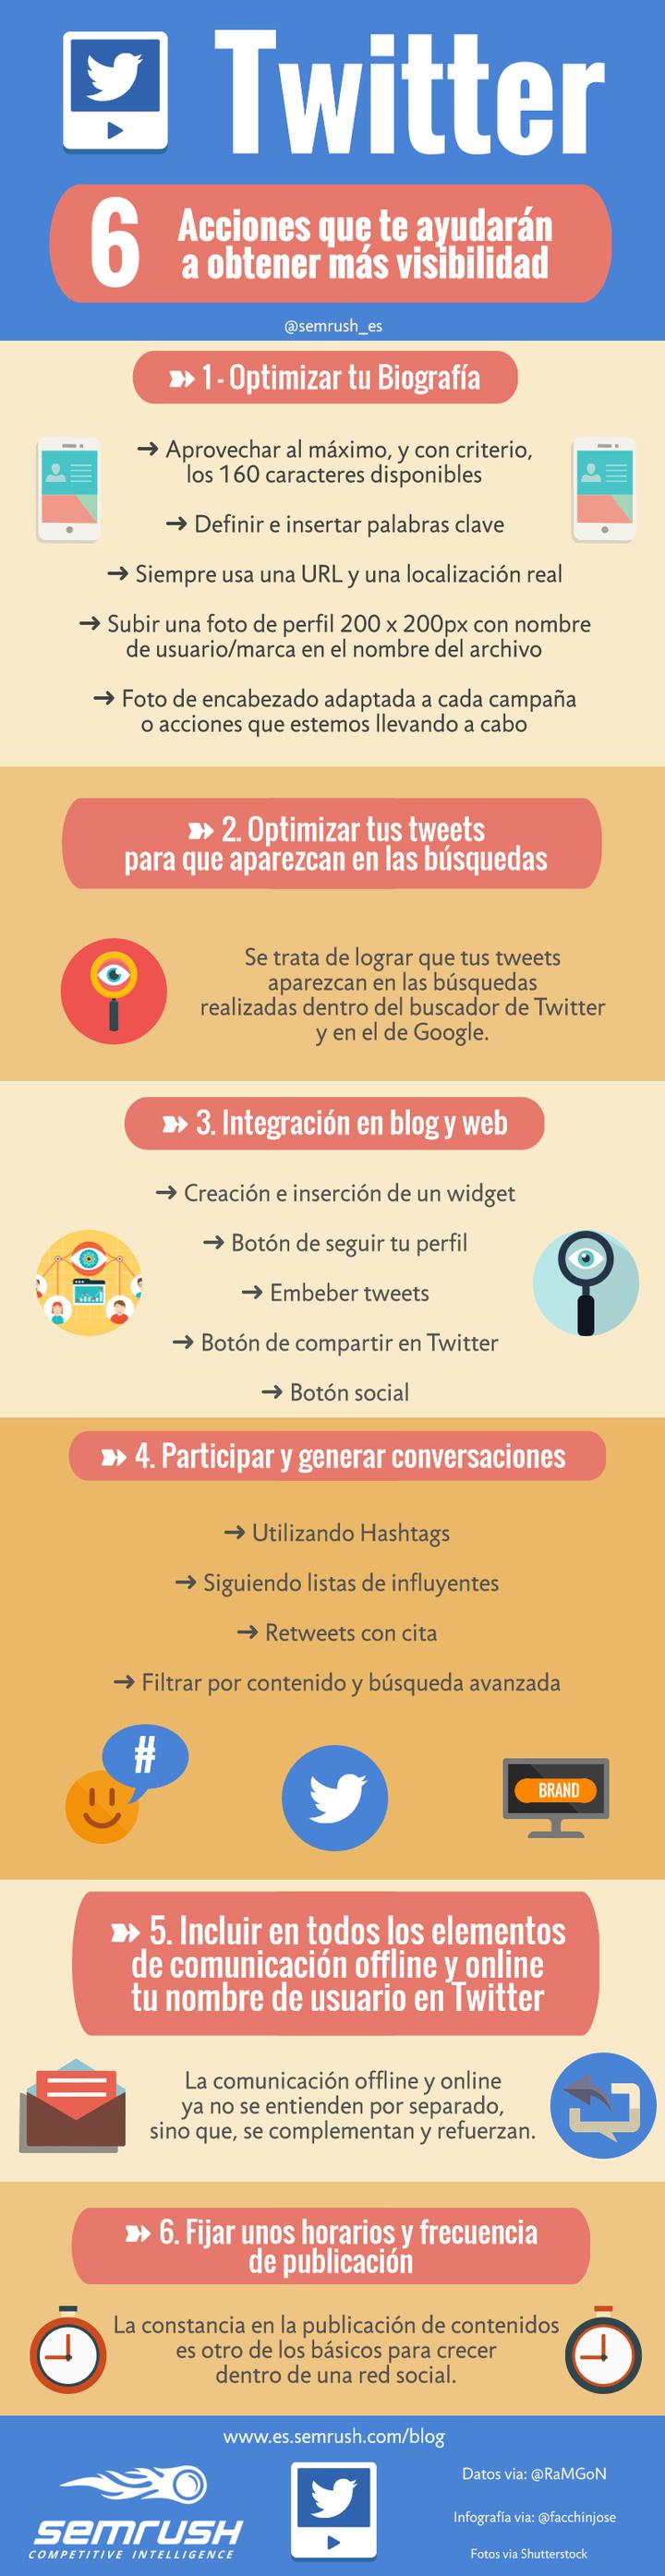 ¿Cómo conseguir más visibilidad en Twitter? #Infografía